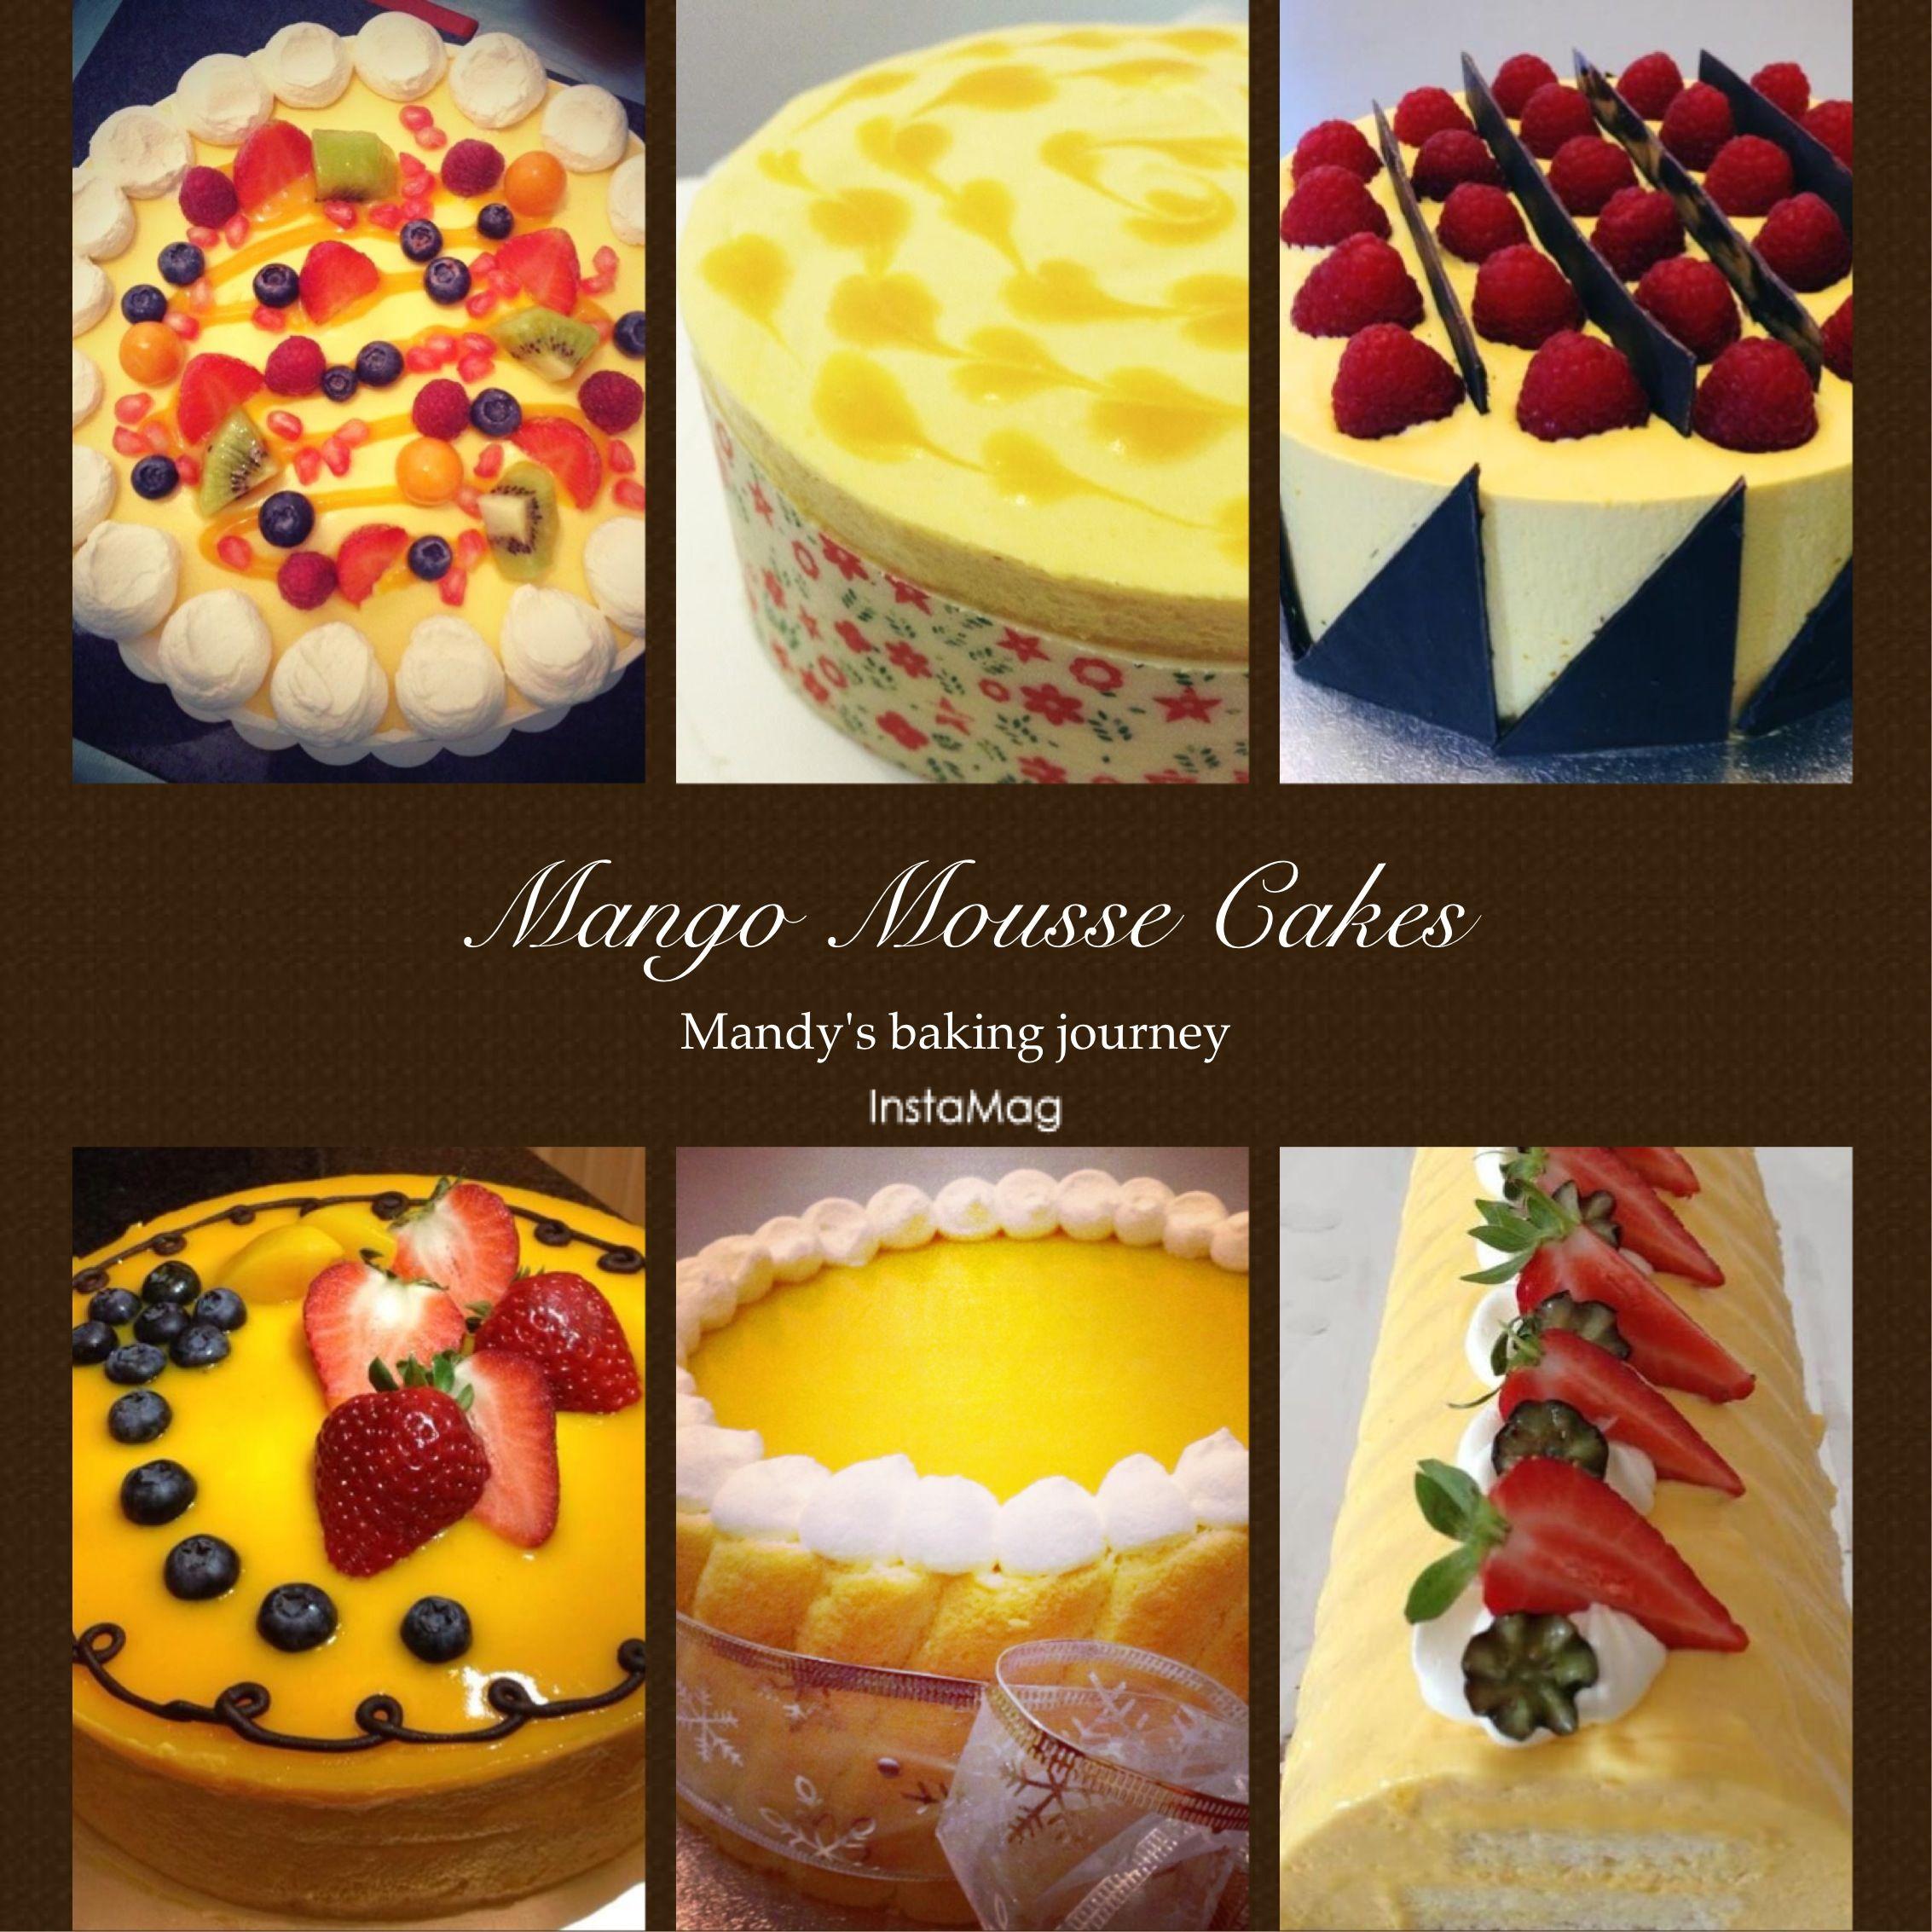 Mango mousse cakes made by me. Recipes are here http://mandysbakingjourney.blogspot.co.uk/2014/01/mango-mousse-cake.html